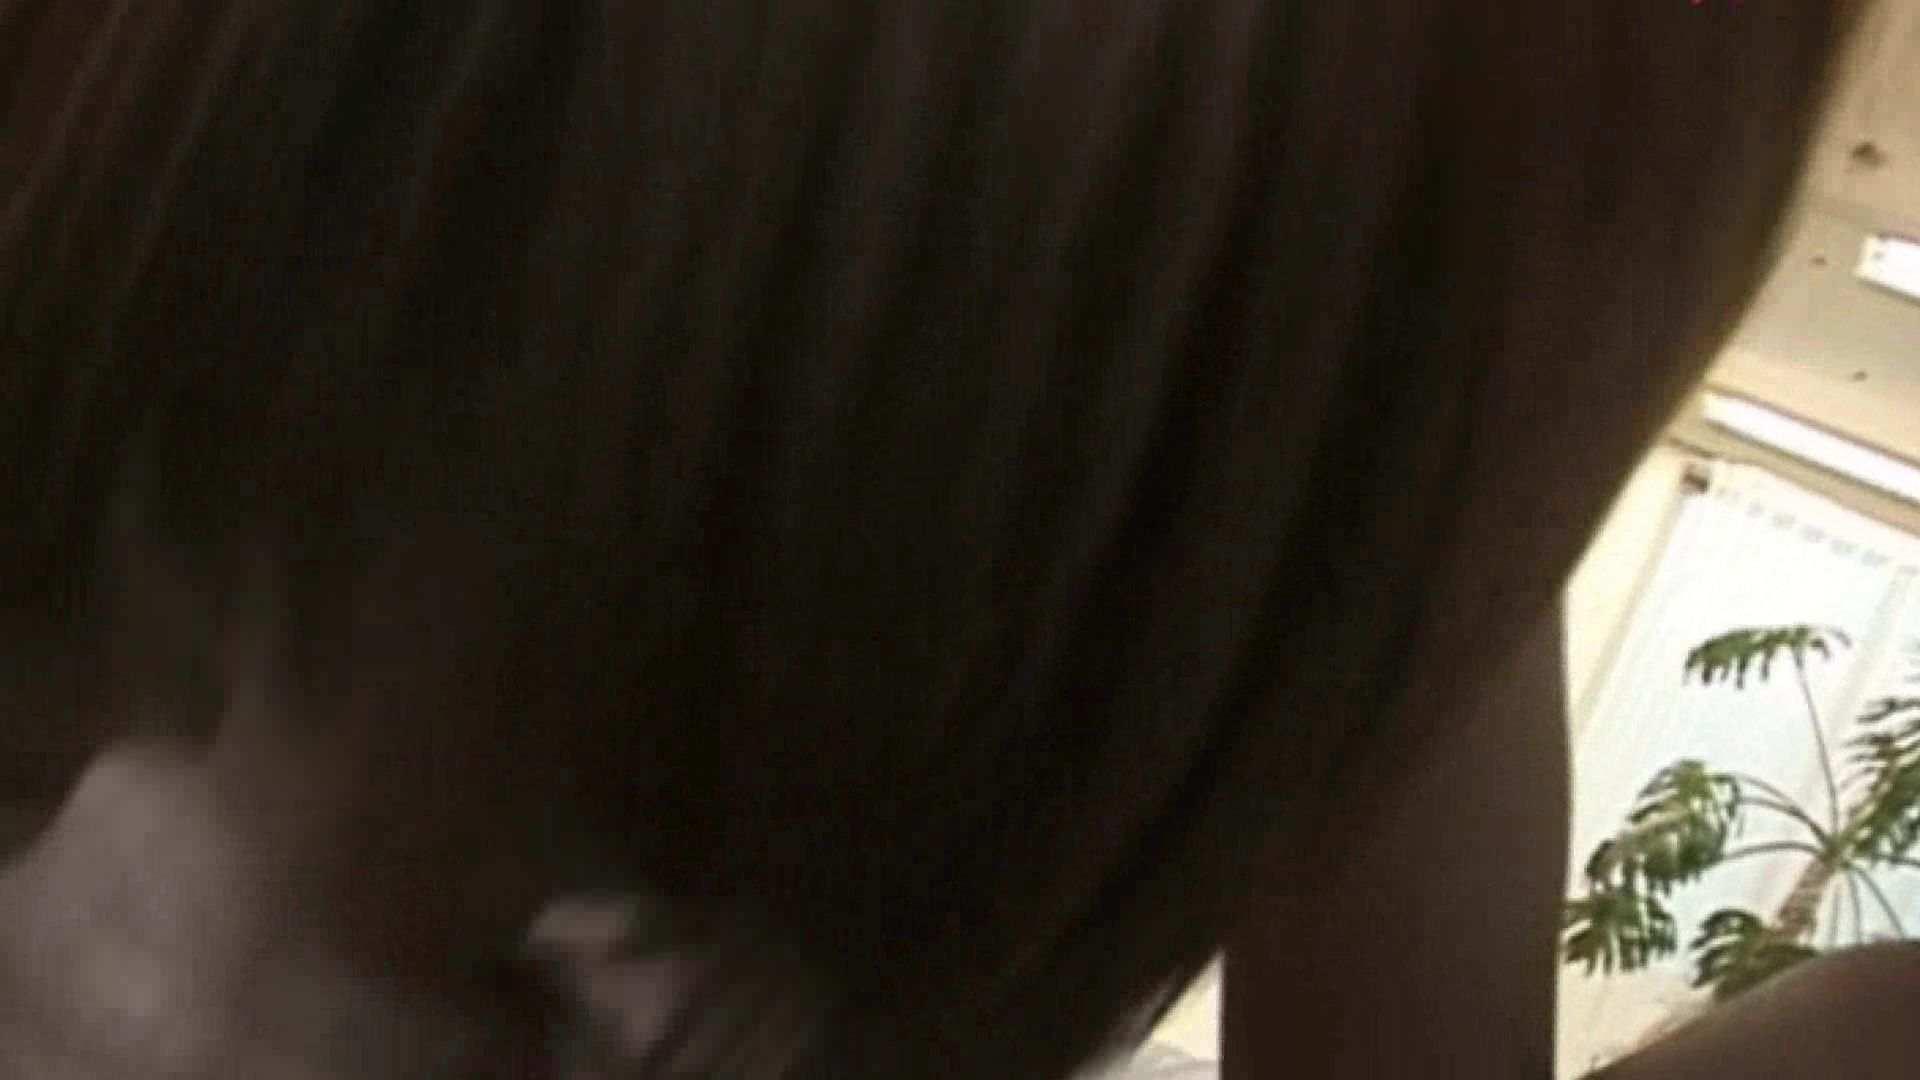 S級厳選美女ビッチガールVol.16 OLの実態 盗撮アダルト動画キャプチャ 55pic 50